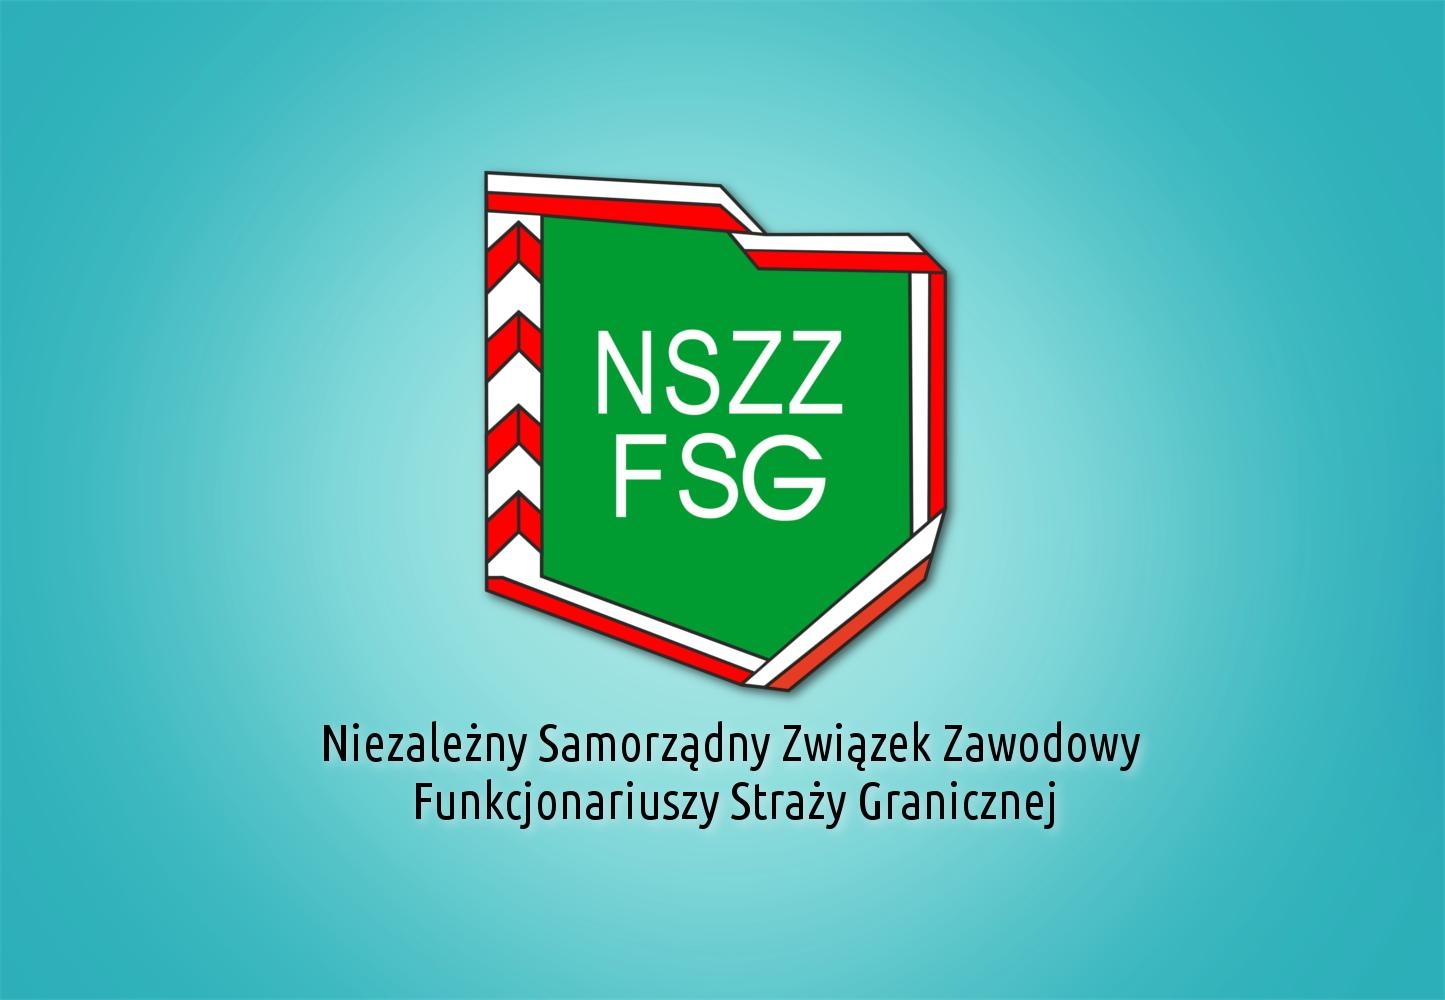 Zarząd Główny Niezależnego Samorządnego Związku Zawodowego Funkcjonariuszy Straży Granicznej postanawiał ogłosić gotowość do podjęcia ogólnopolskiej akcji protestacyjnej.